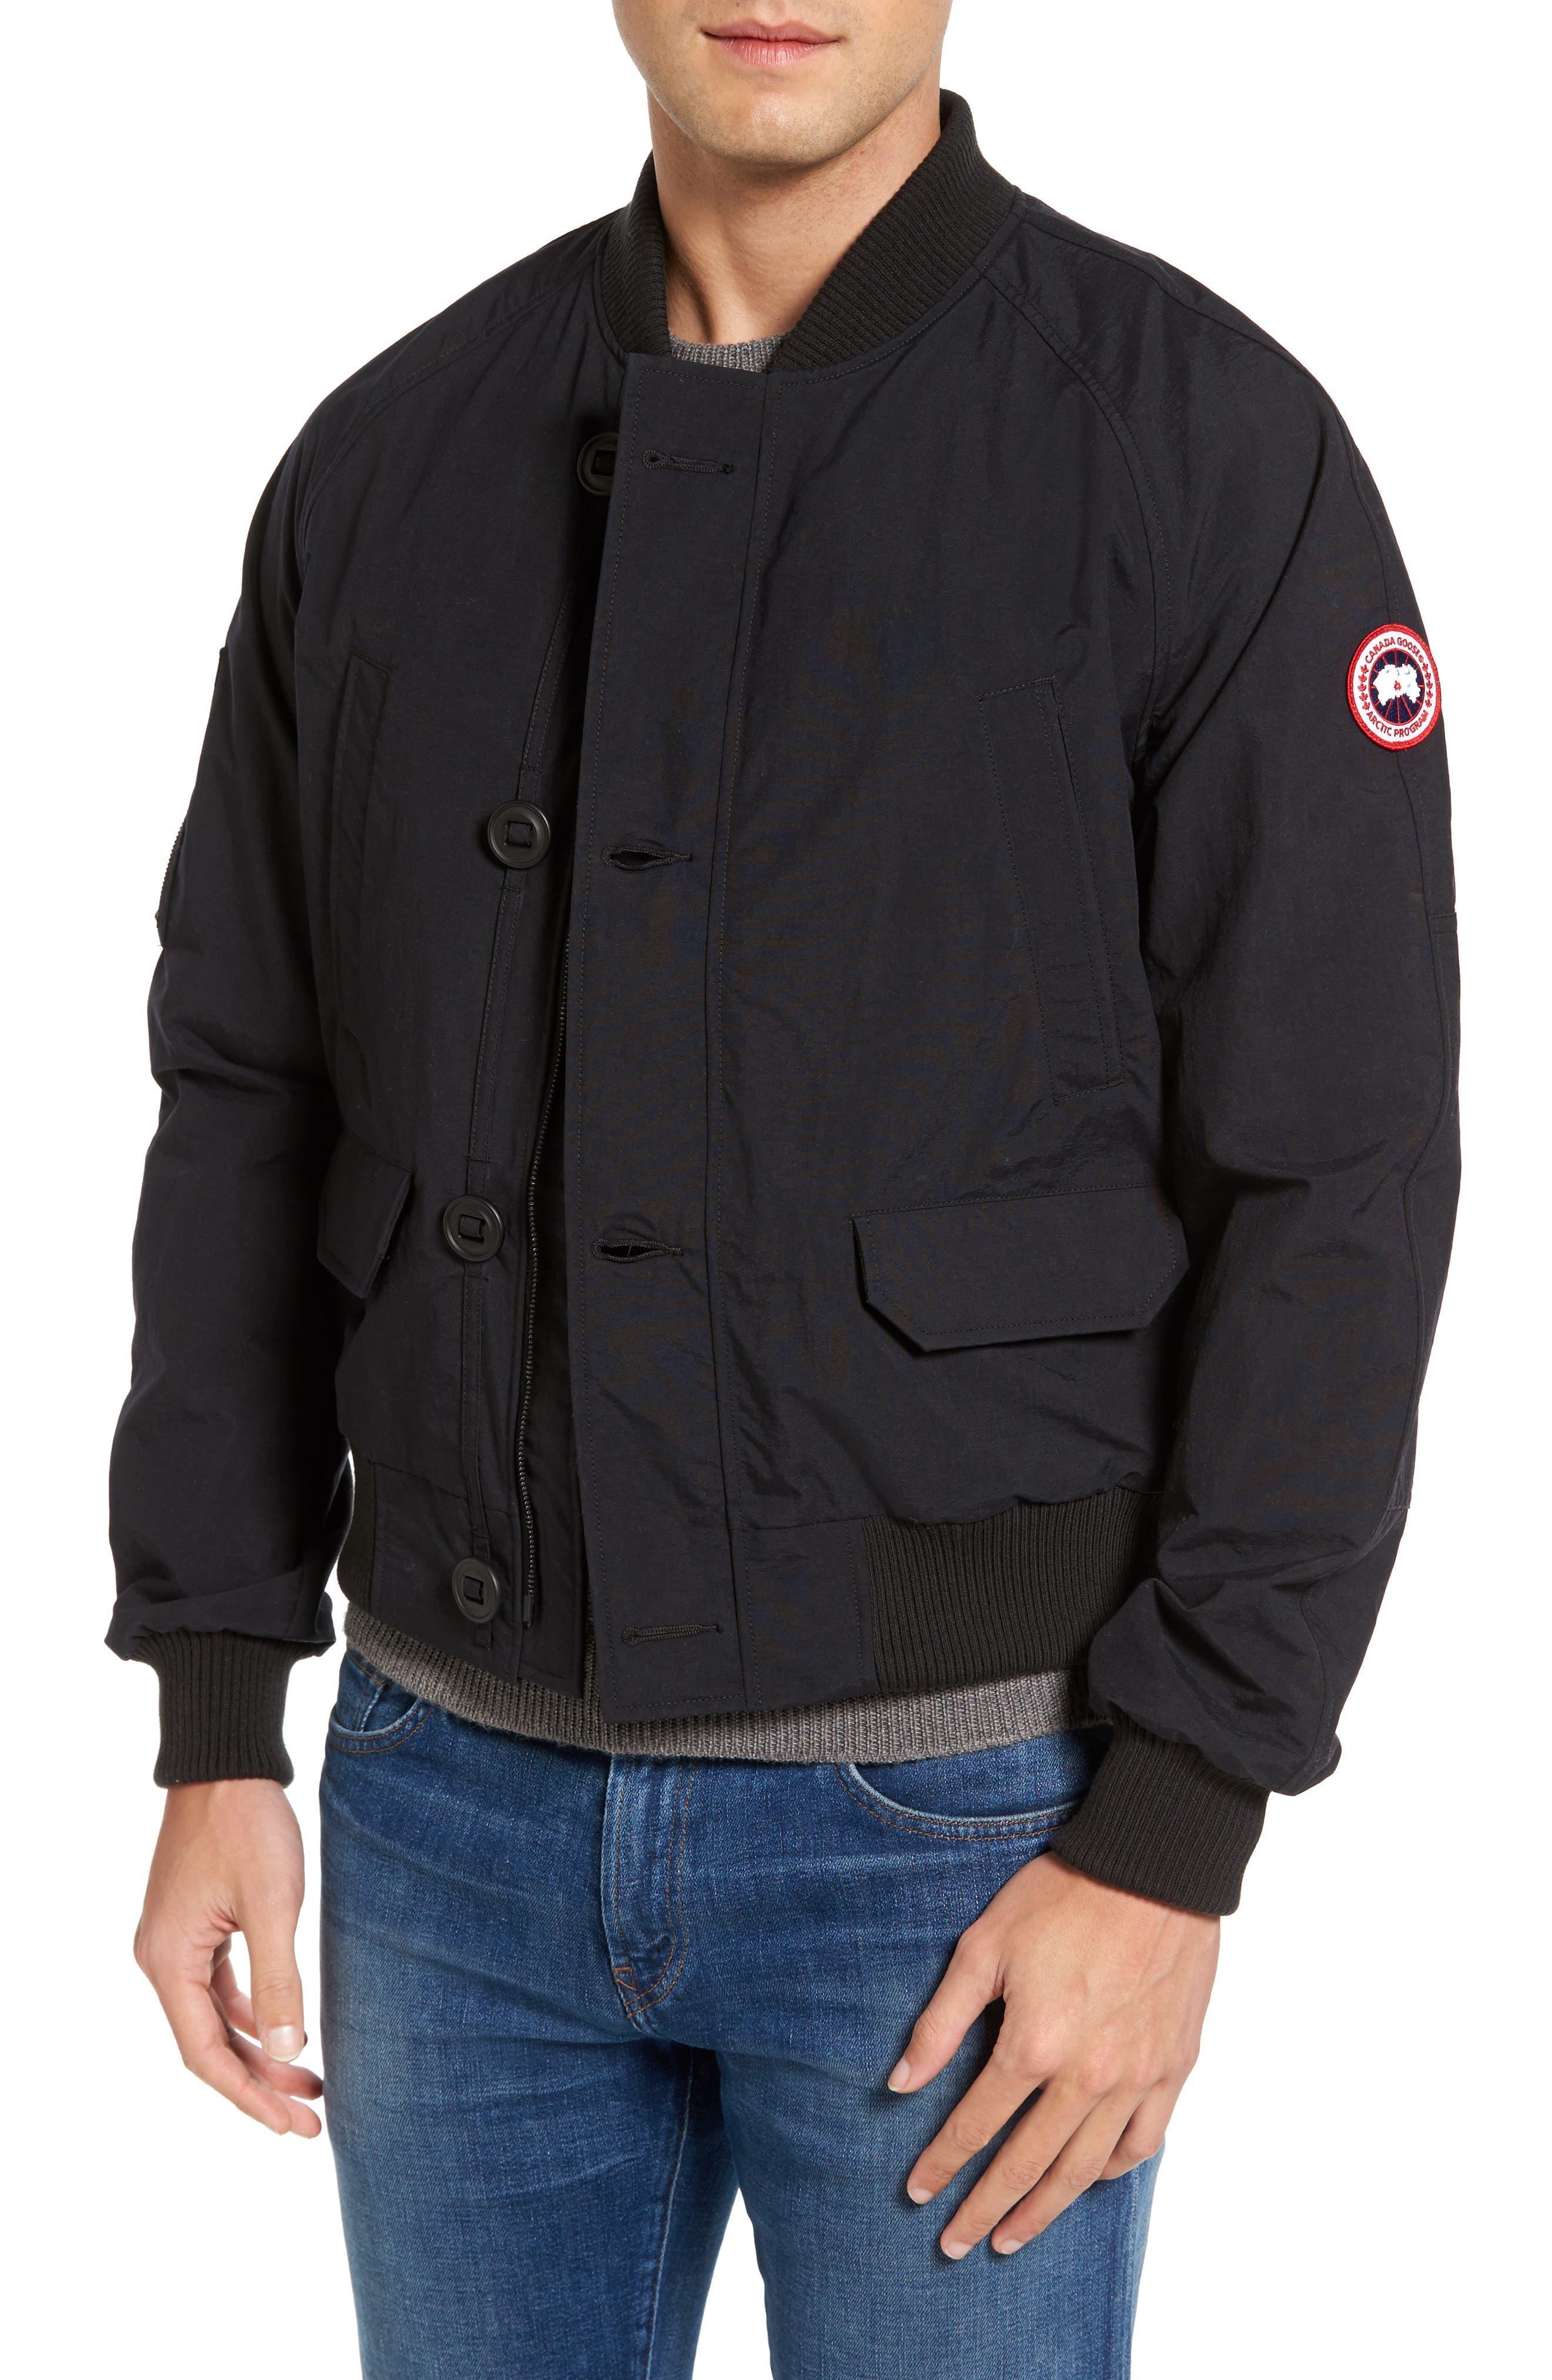 Faber Slim Fit Bomber Jacket,                         Main,                         color, BLACK